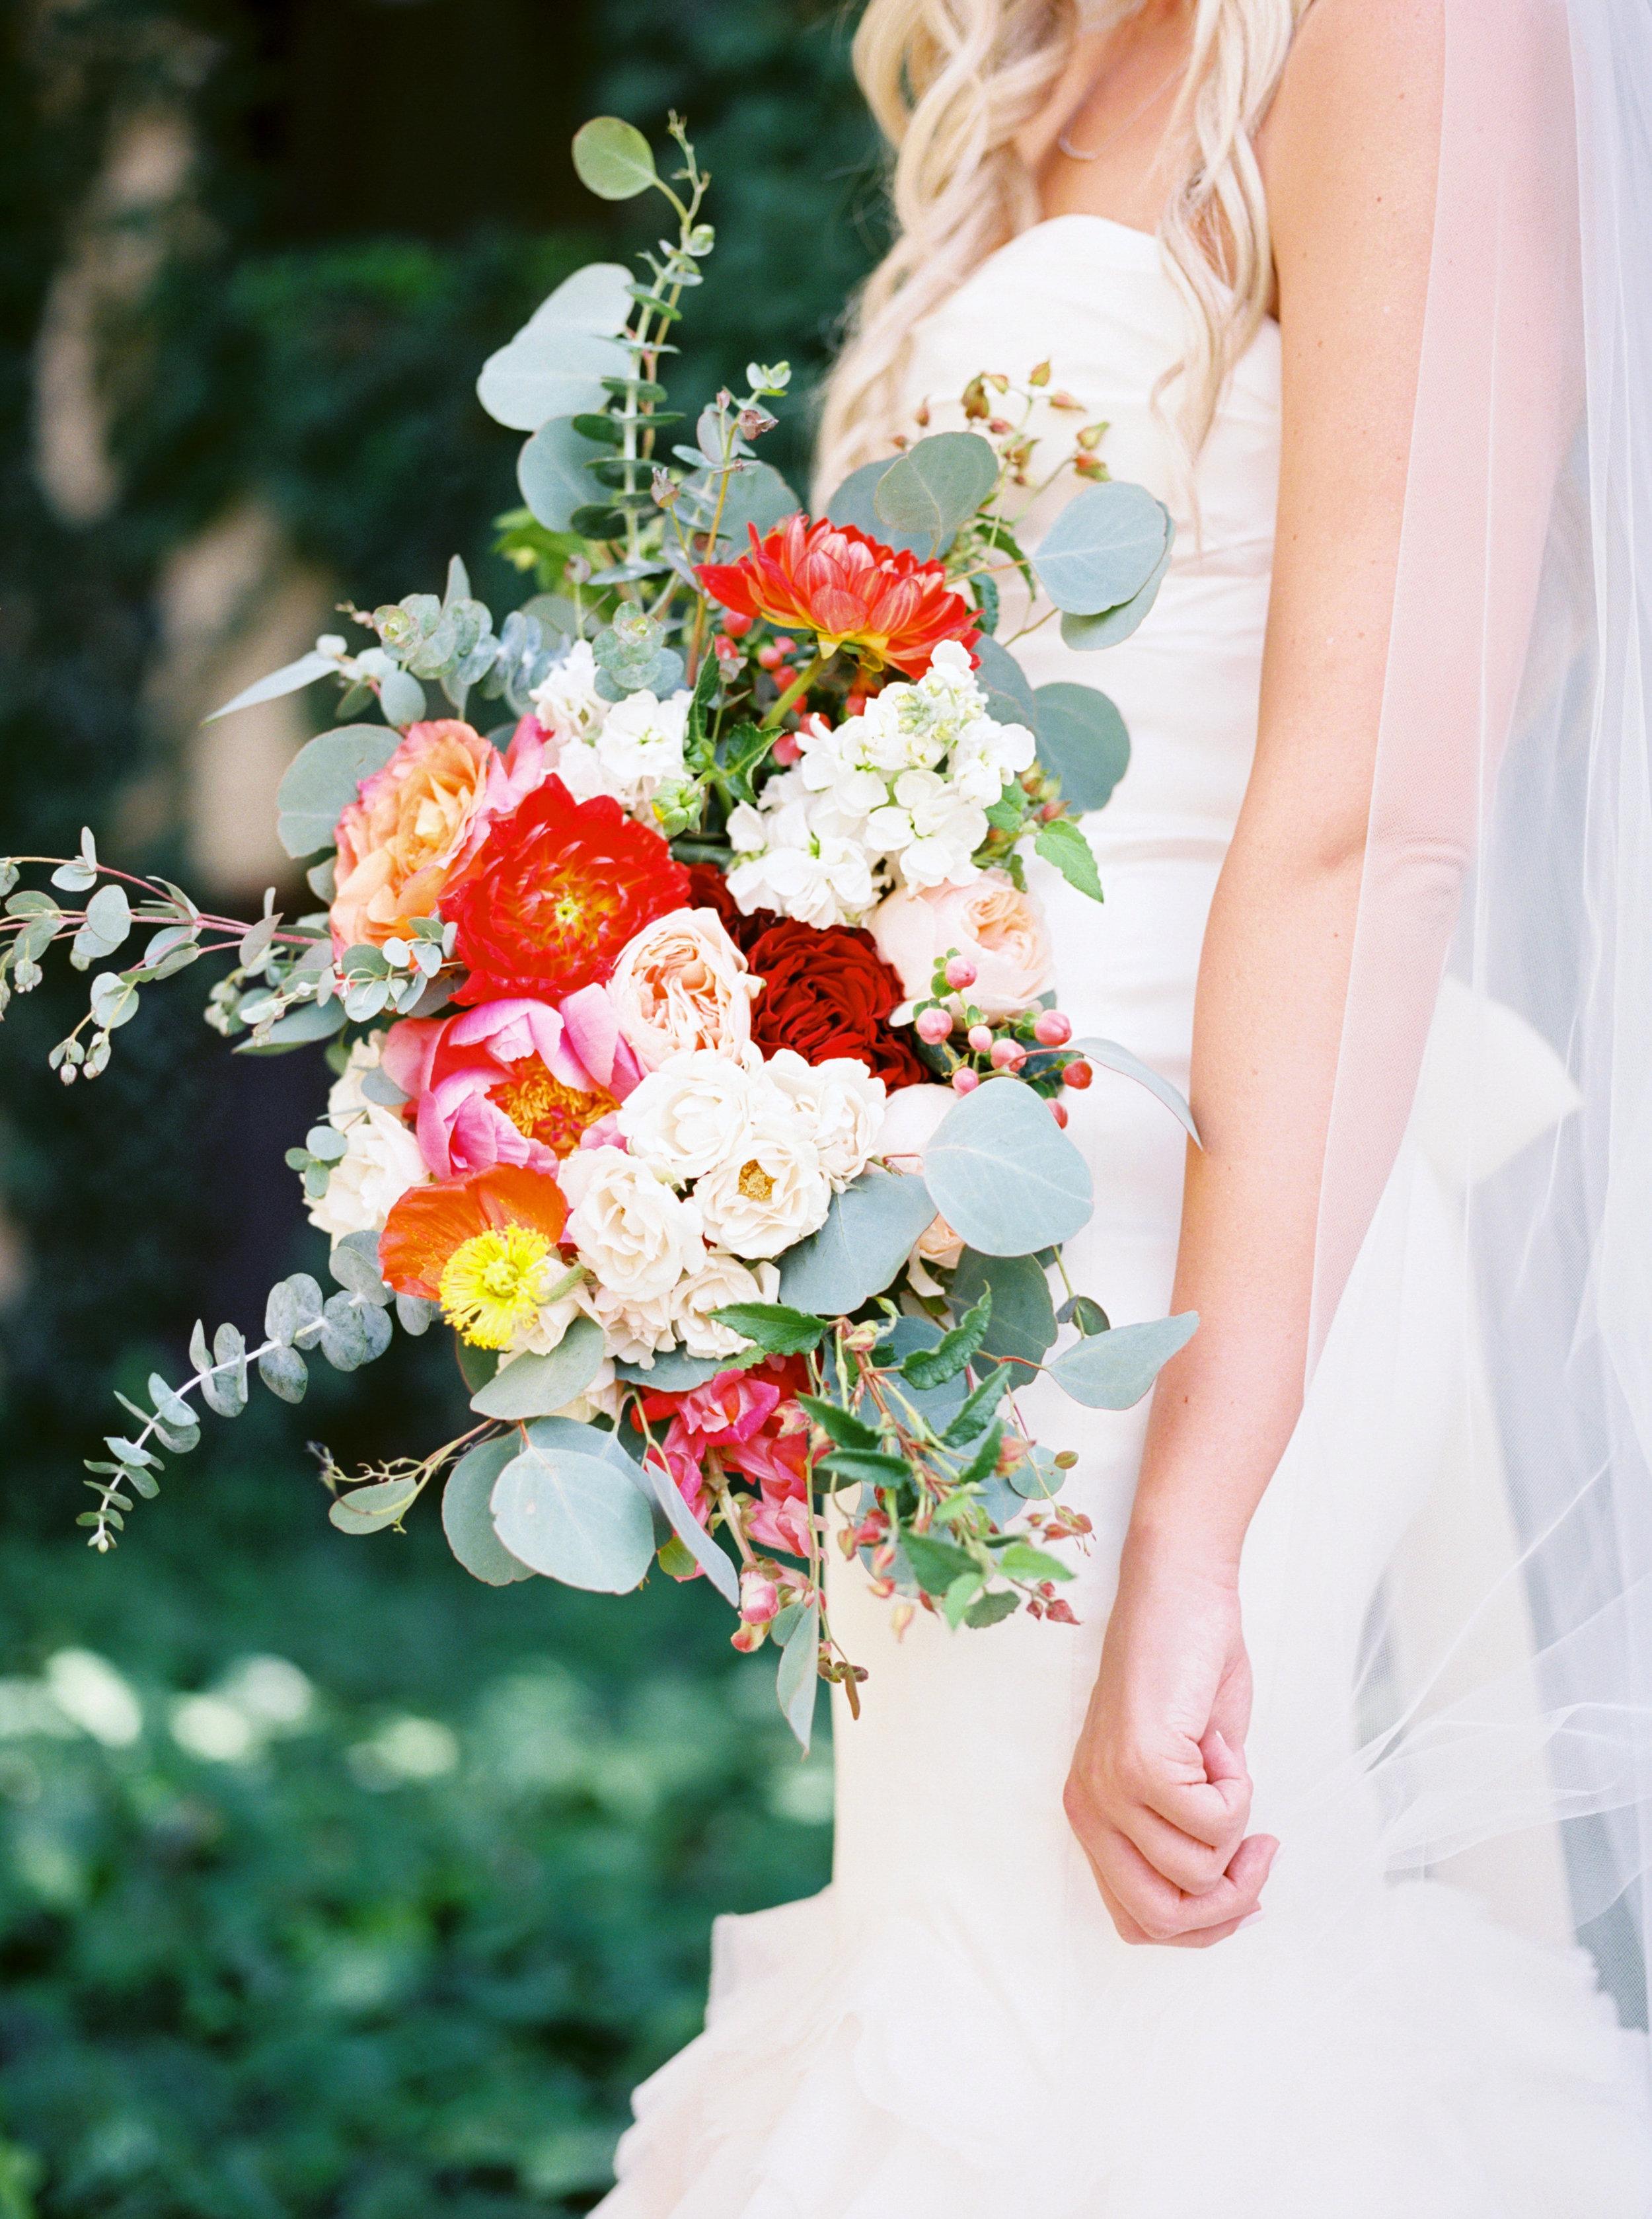 Scottsdale-wedding-planners-0006.jpg